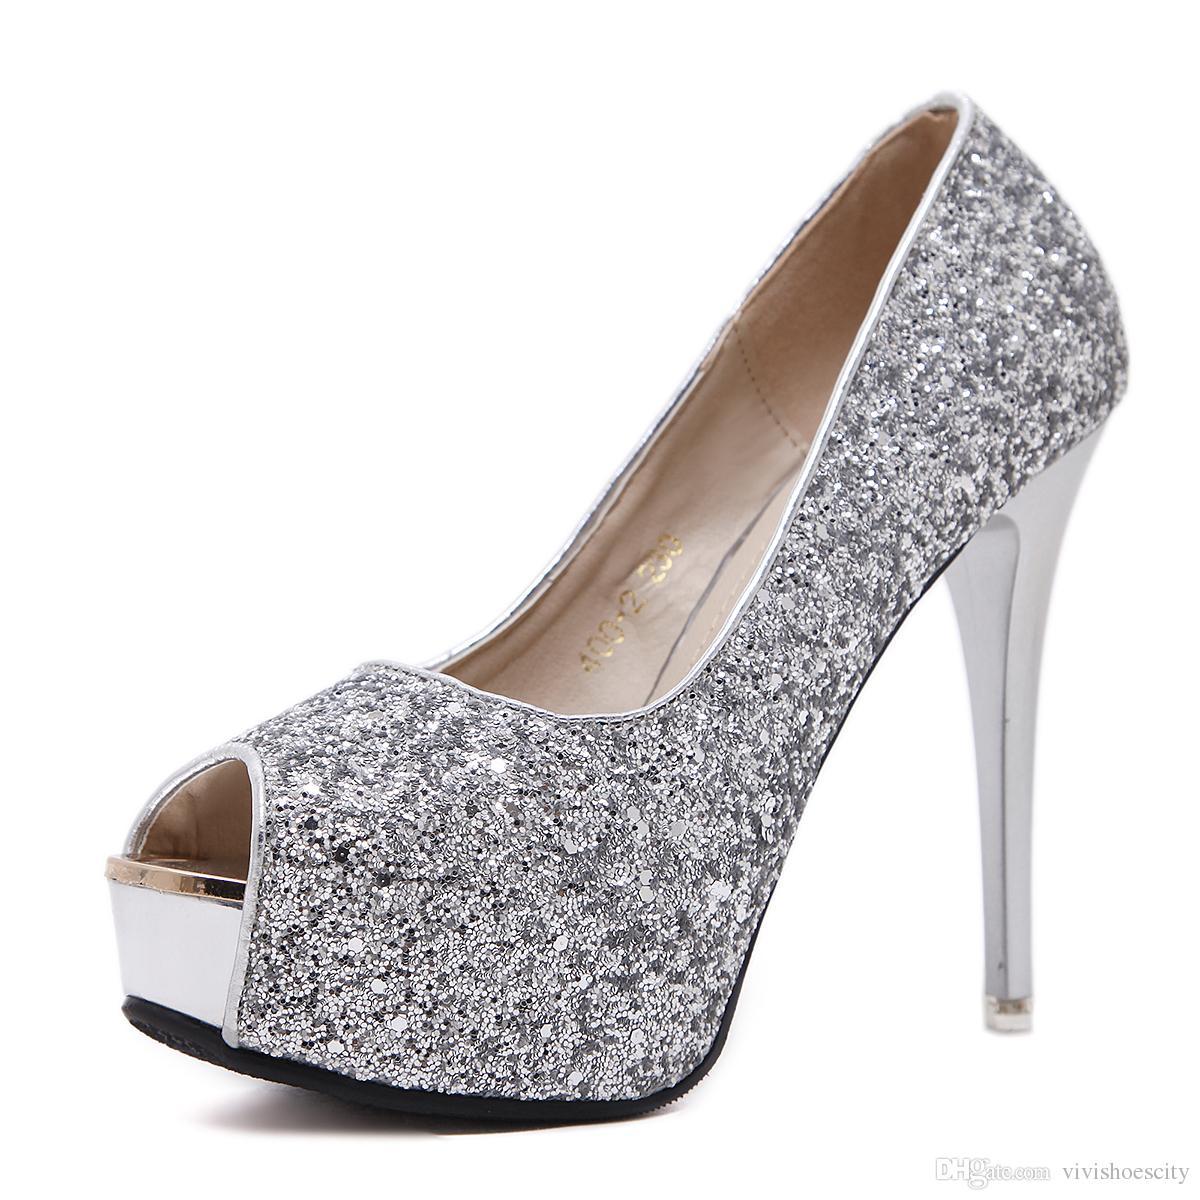 e3a2b9157b90df Großhandel Elegant Glitter Weiß Silber Peep Toe Plateau Pumps Brautjungfer  Braut Hochzeit Schuhe Größe 34 Bis 39 Von Vivishoescity